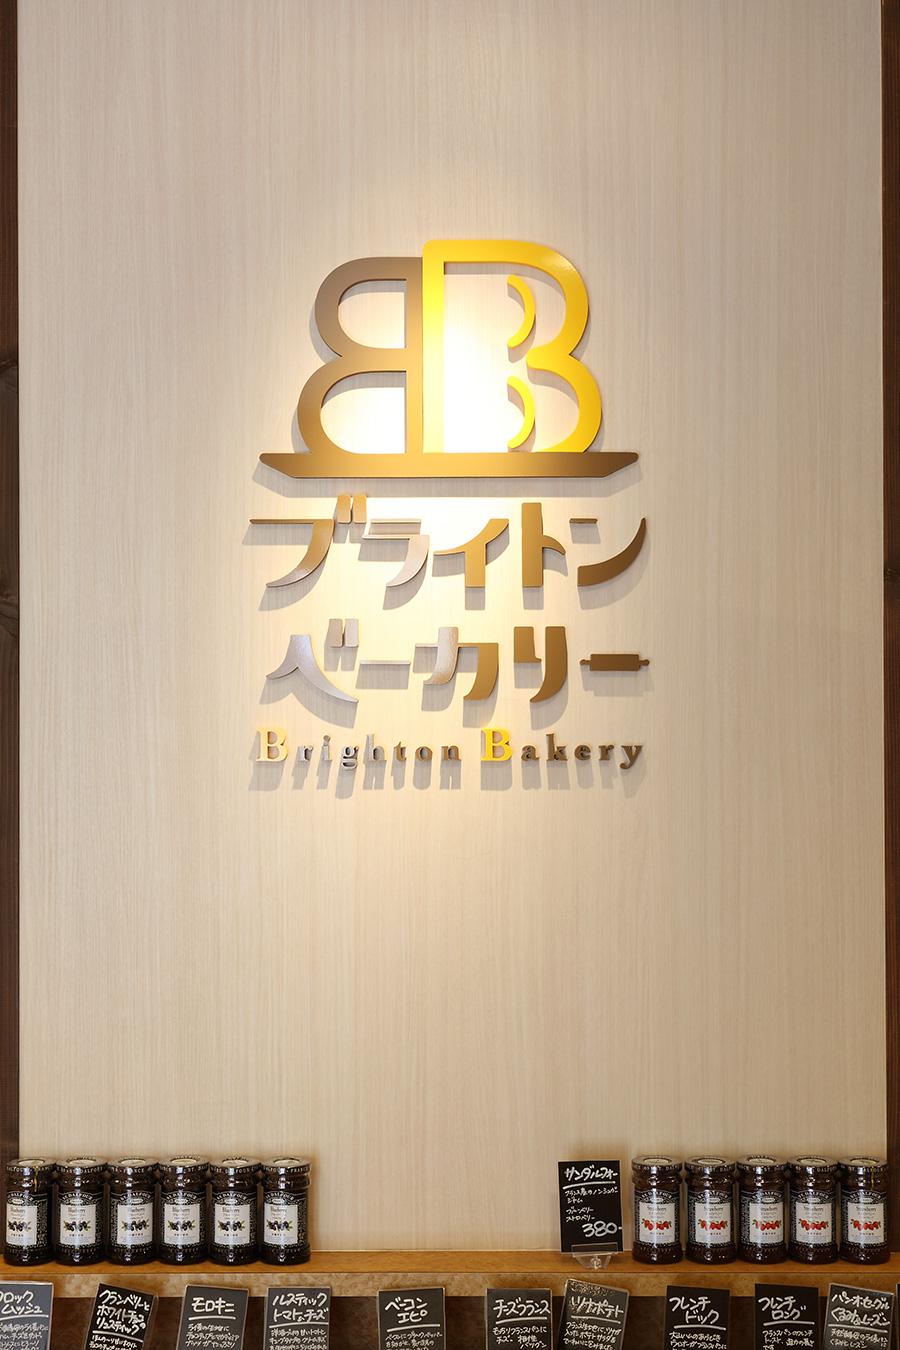 津島のパン屋のリニューアル